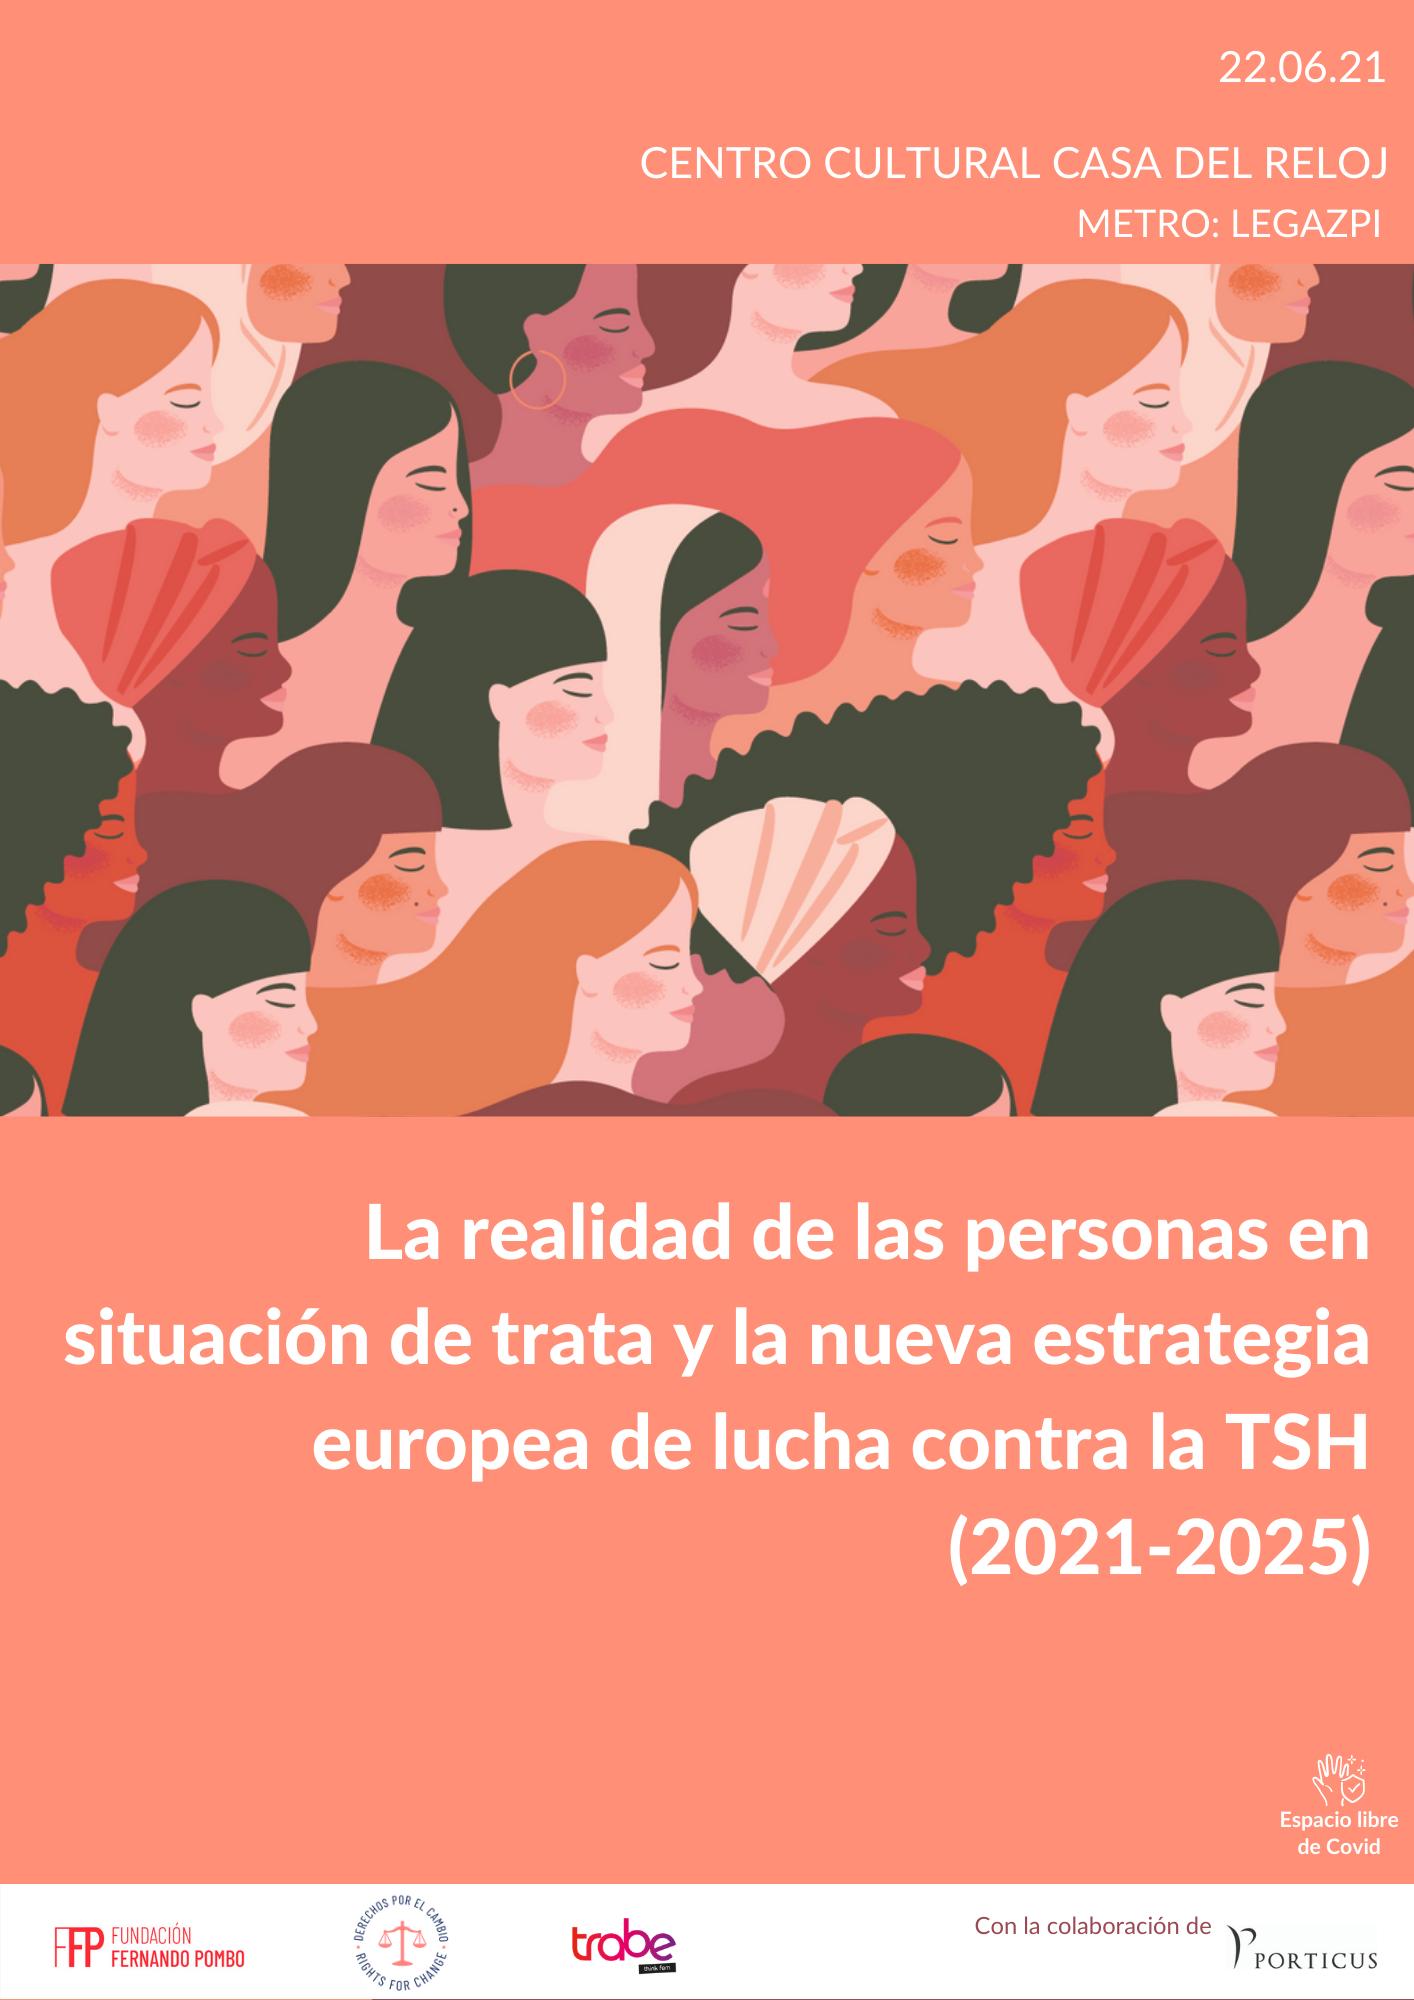 Jornada «La realidad de las personas en situación de trata y la nueva estrategia europea de lucha contra la TSH (2021-2025)»